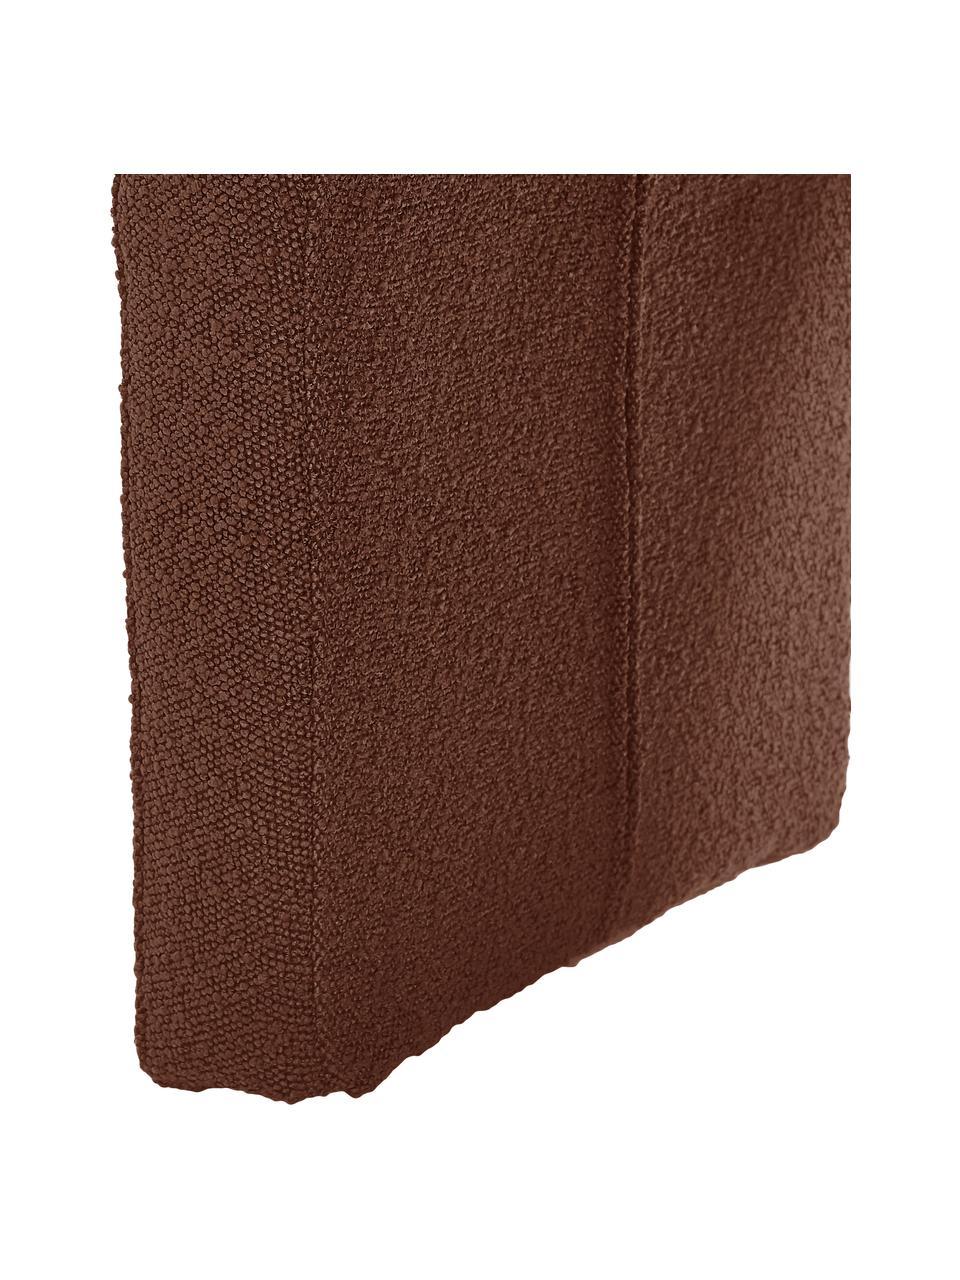 Banquette moderne en tissu bouclé Penelope, Tissu bouclé brun